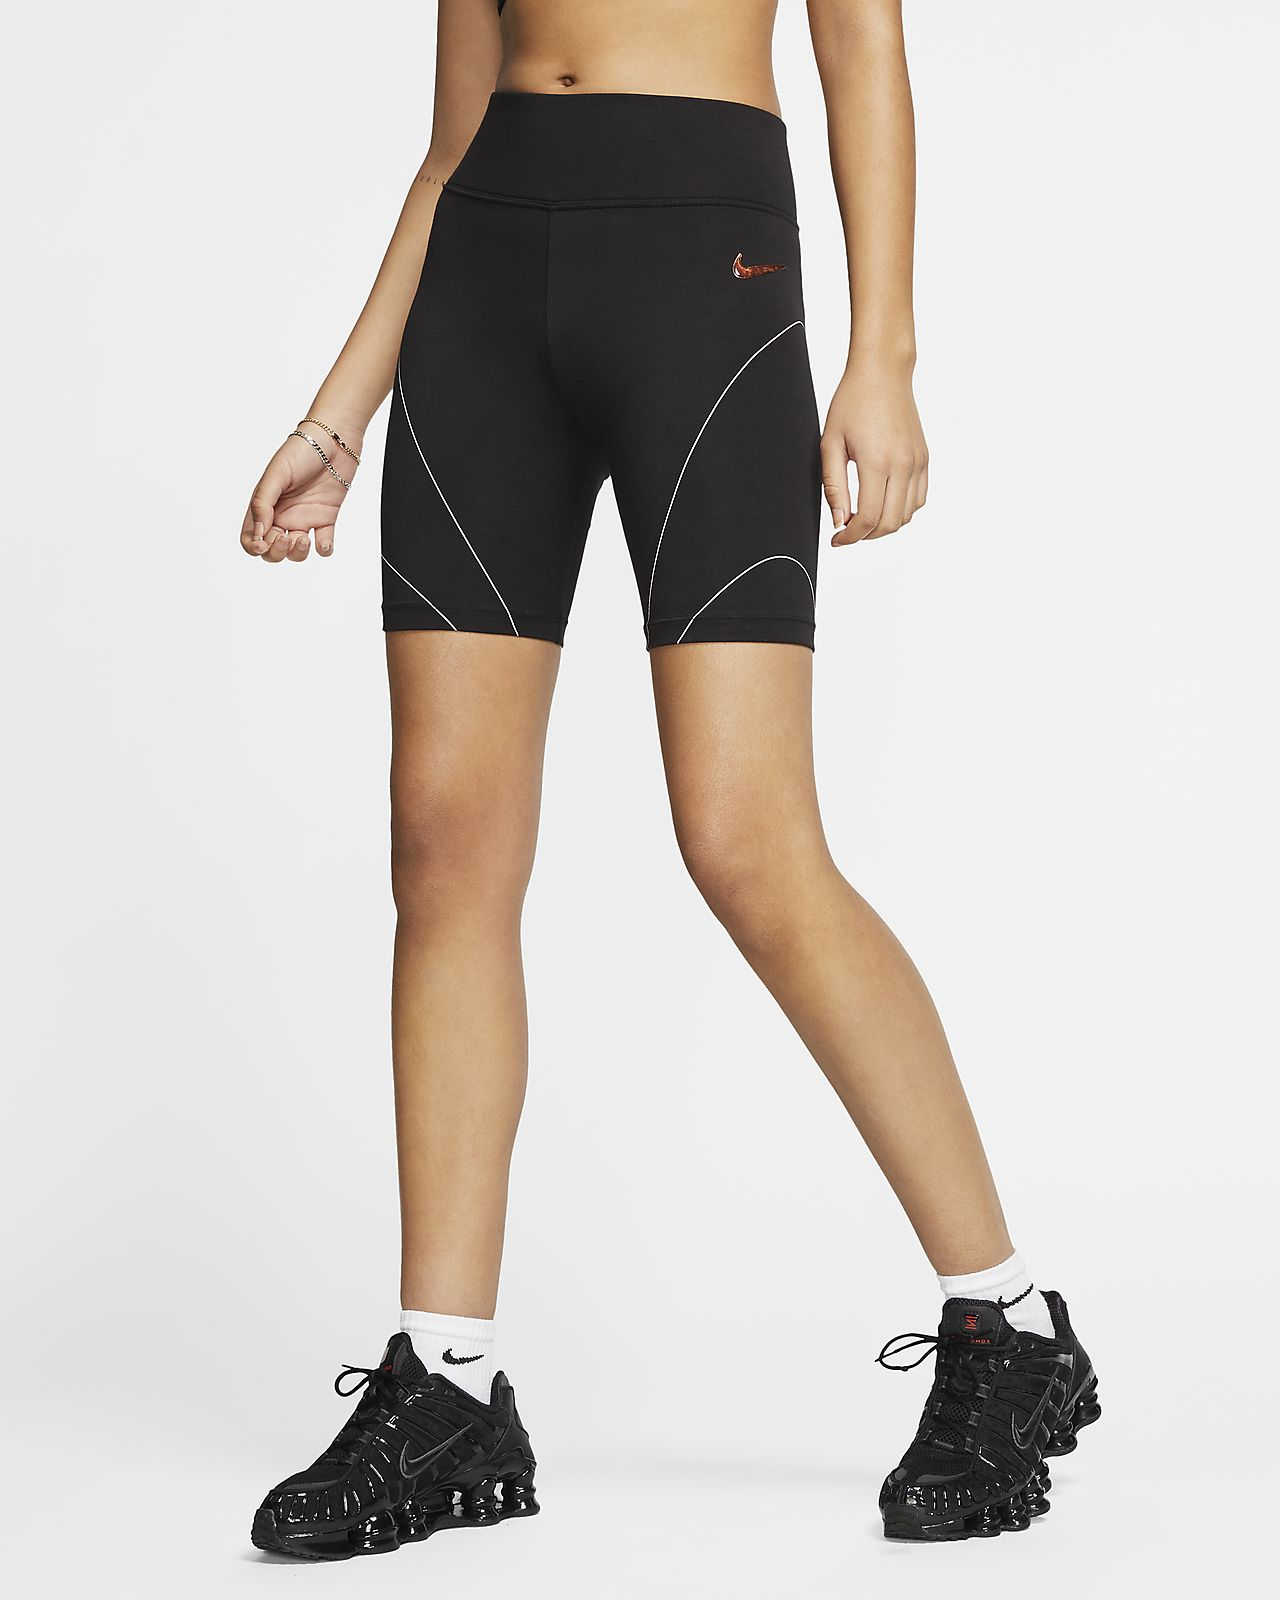 Nike Sportswear Tortoise Shell Women's Bike Shorts